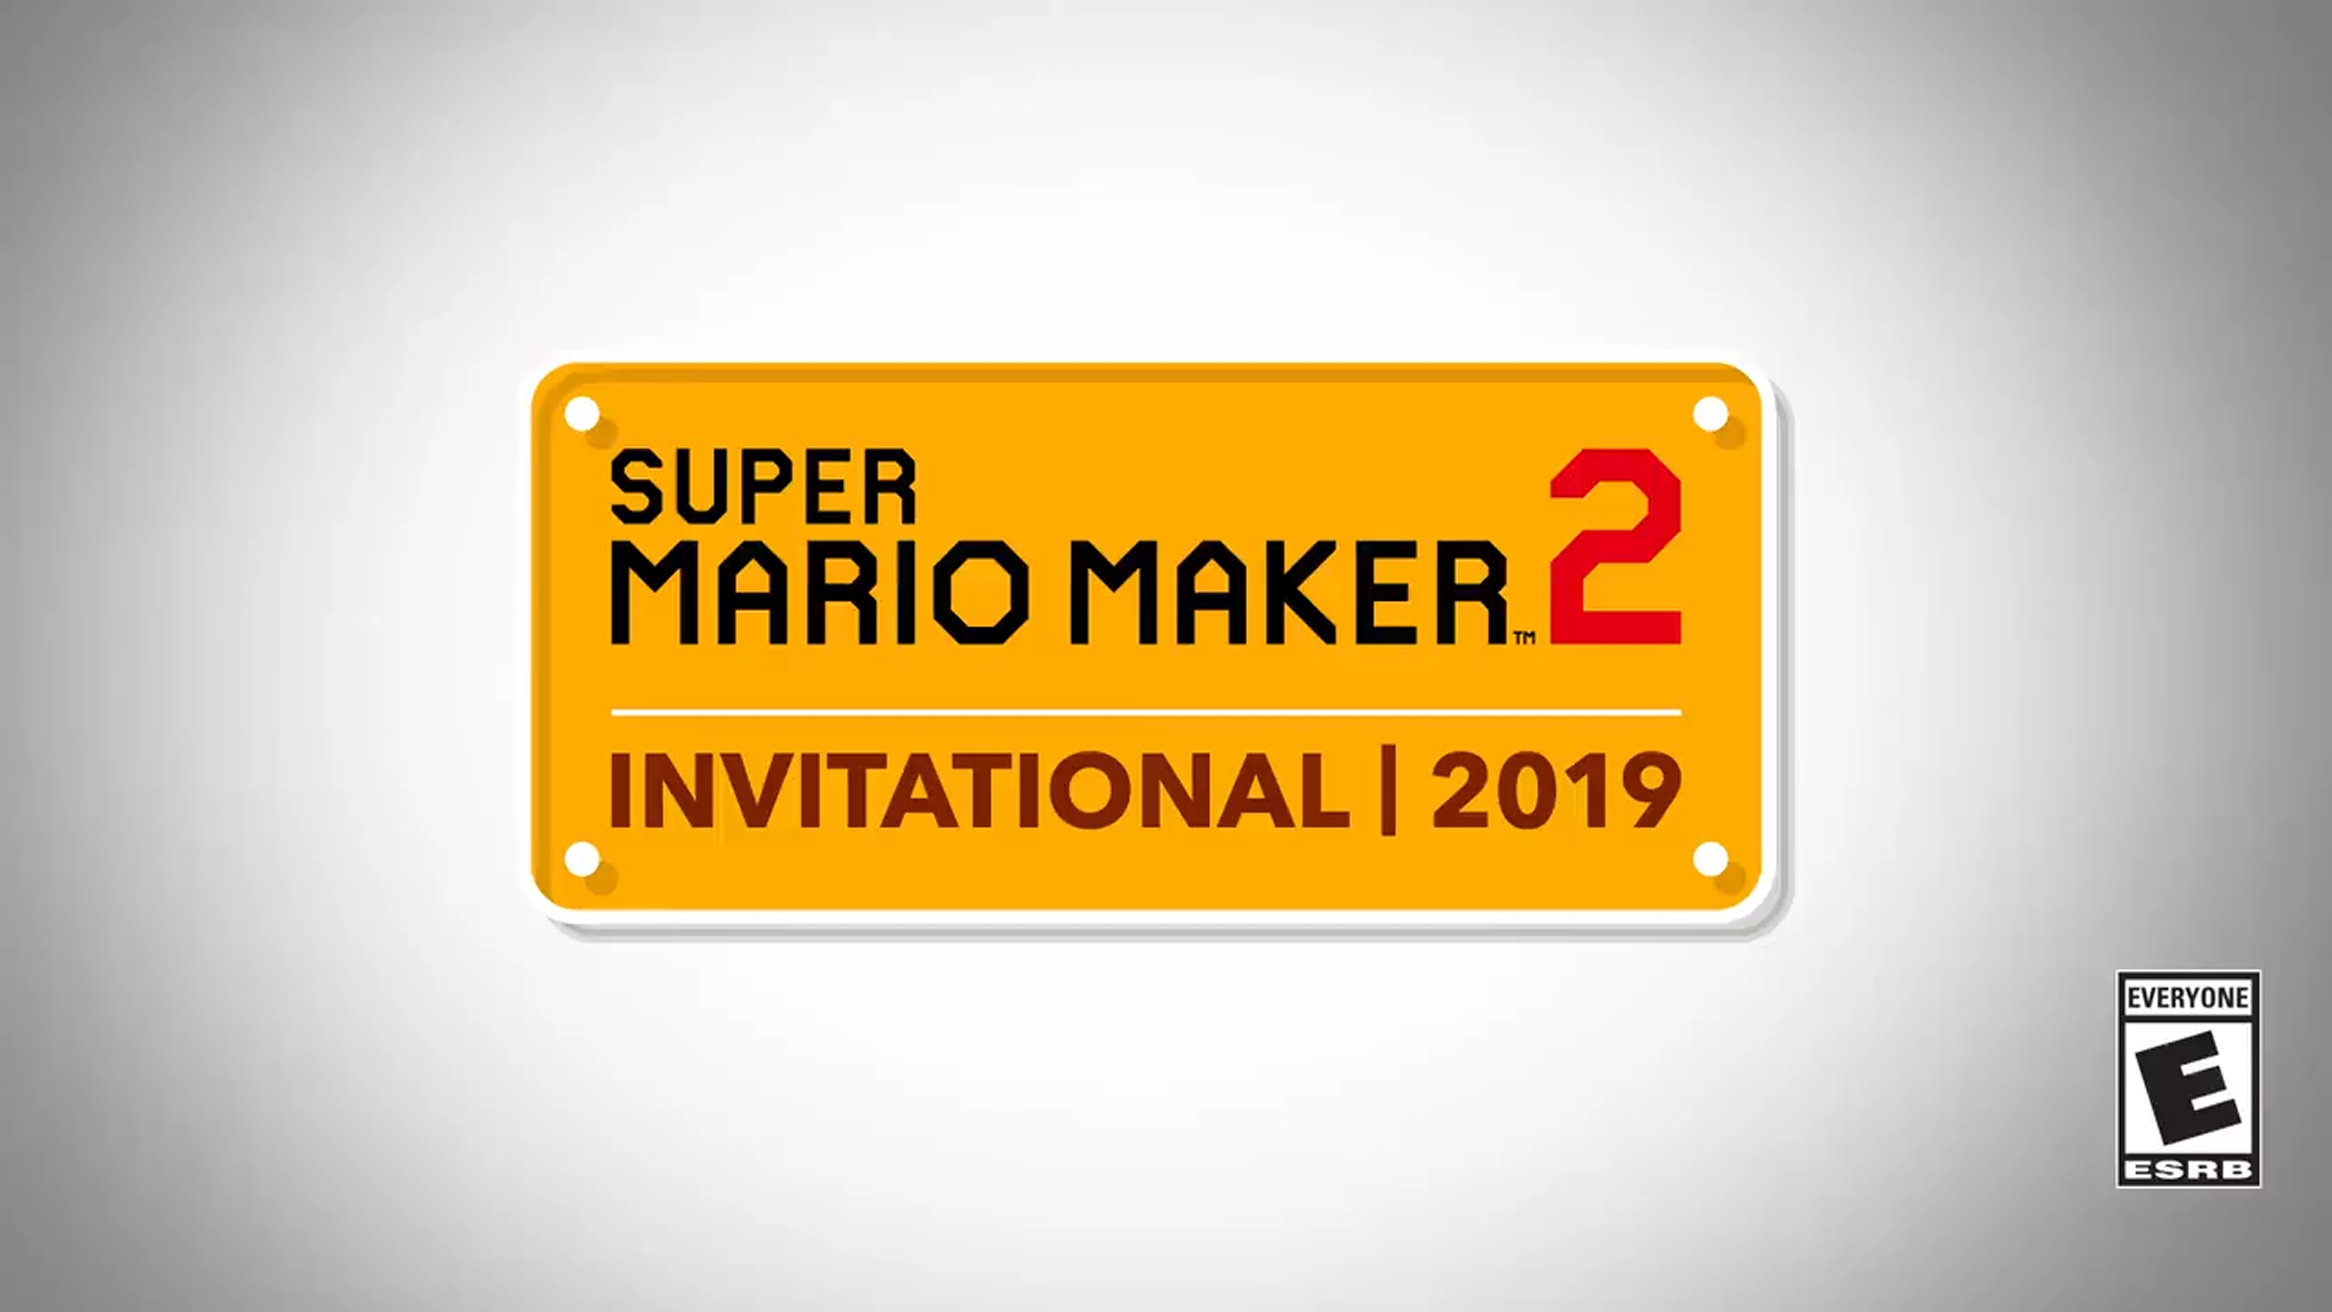 スーパーマリオメーカー2、E3 2019イベント。スプラ&スマブラ